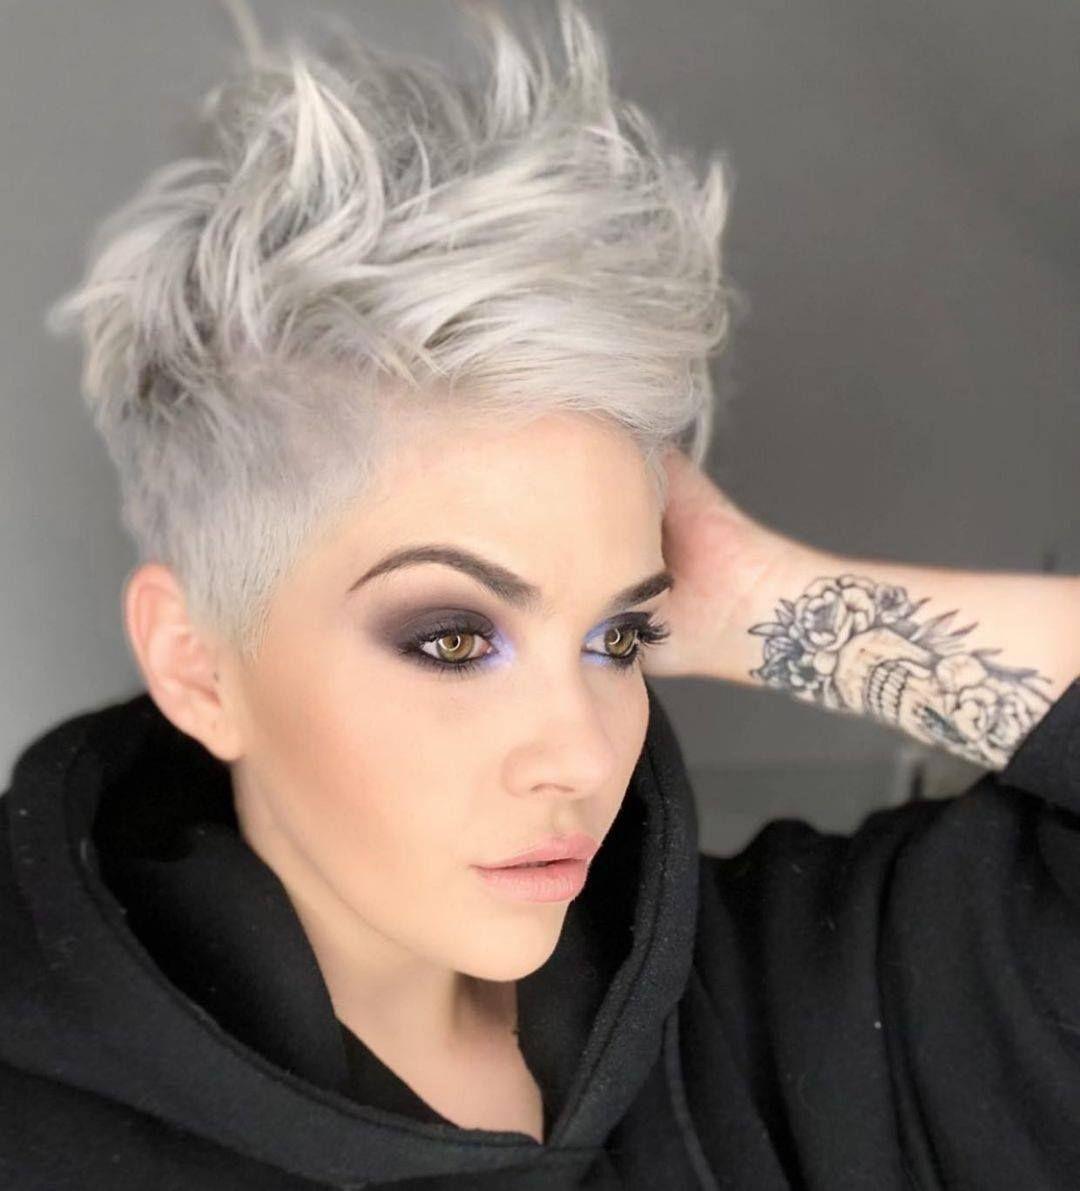 Grijs Haar Special 10 Kapsels In Een Prachtige Zilver Grijze Haarkleur Pagina 2 Van 11 Kapsels Voor Haar Dik Haar Kapsels Dik Kort Haar Kort Haar Kapsels